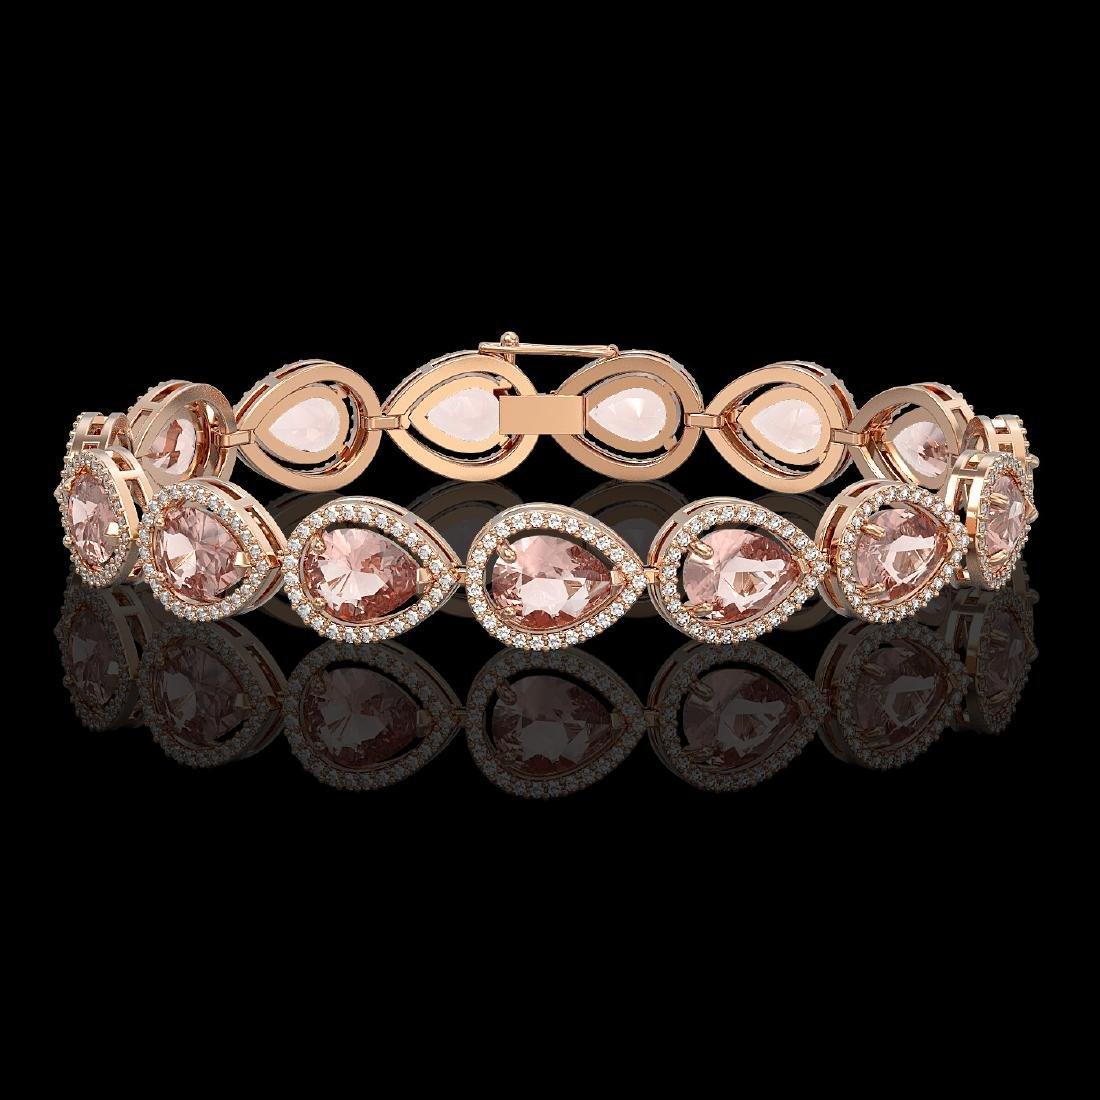 19.55 CTW Morganite & Diamond Halo Bracelet 10K Rose